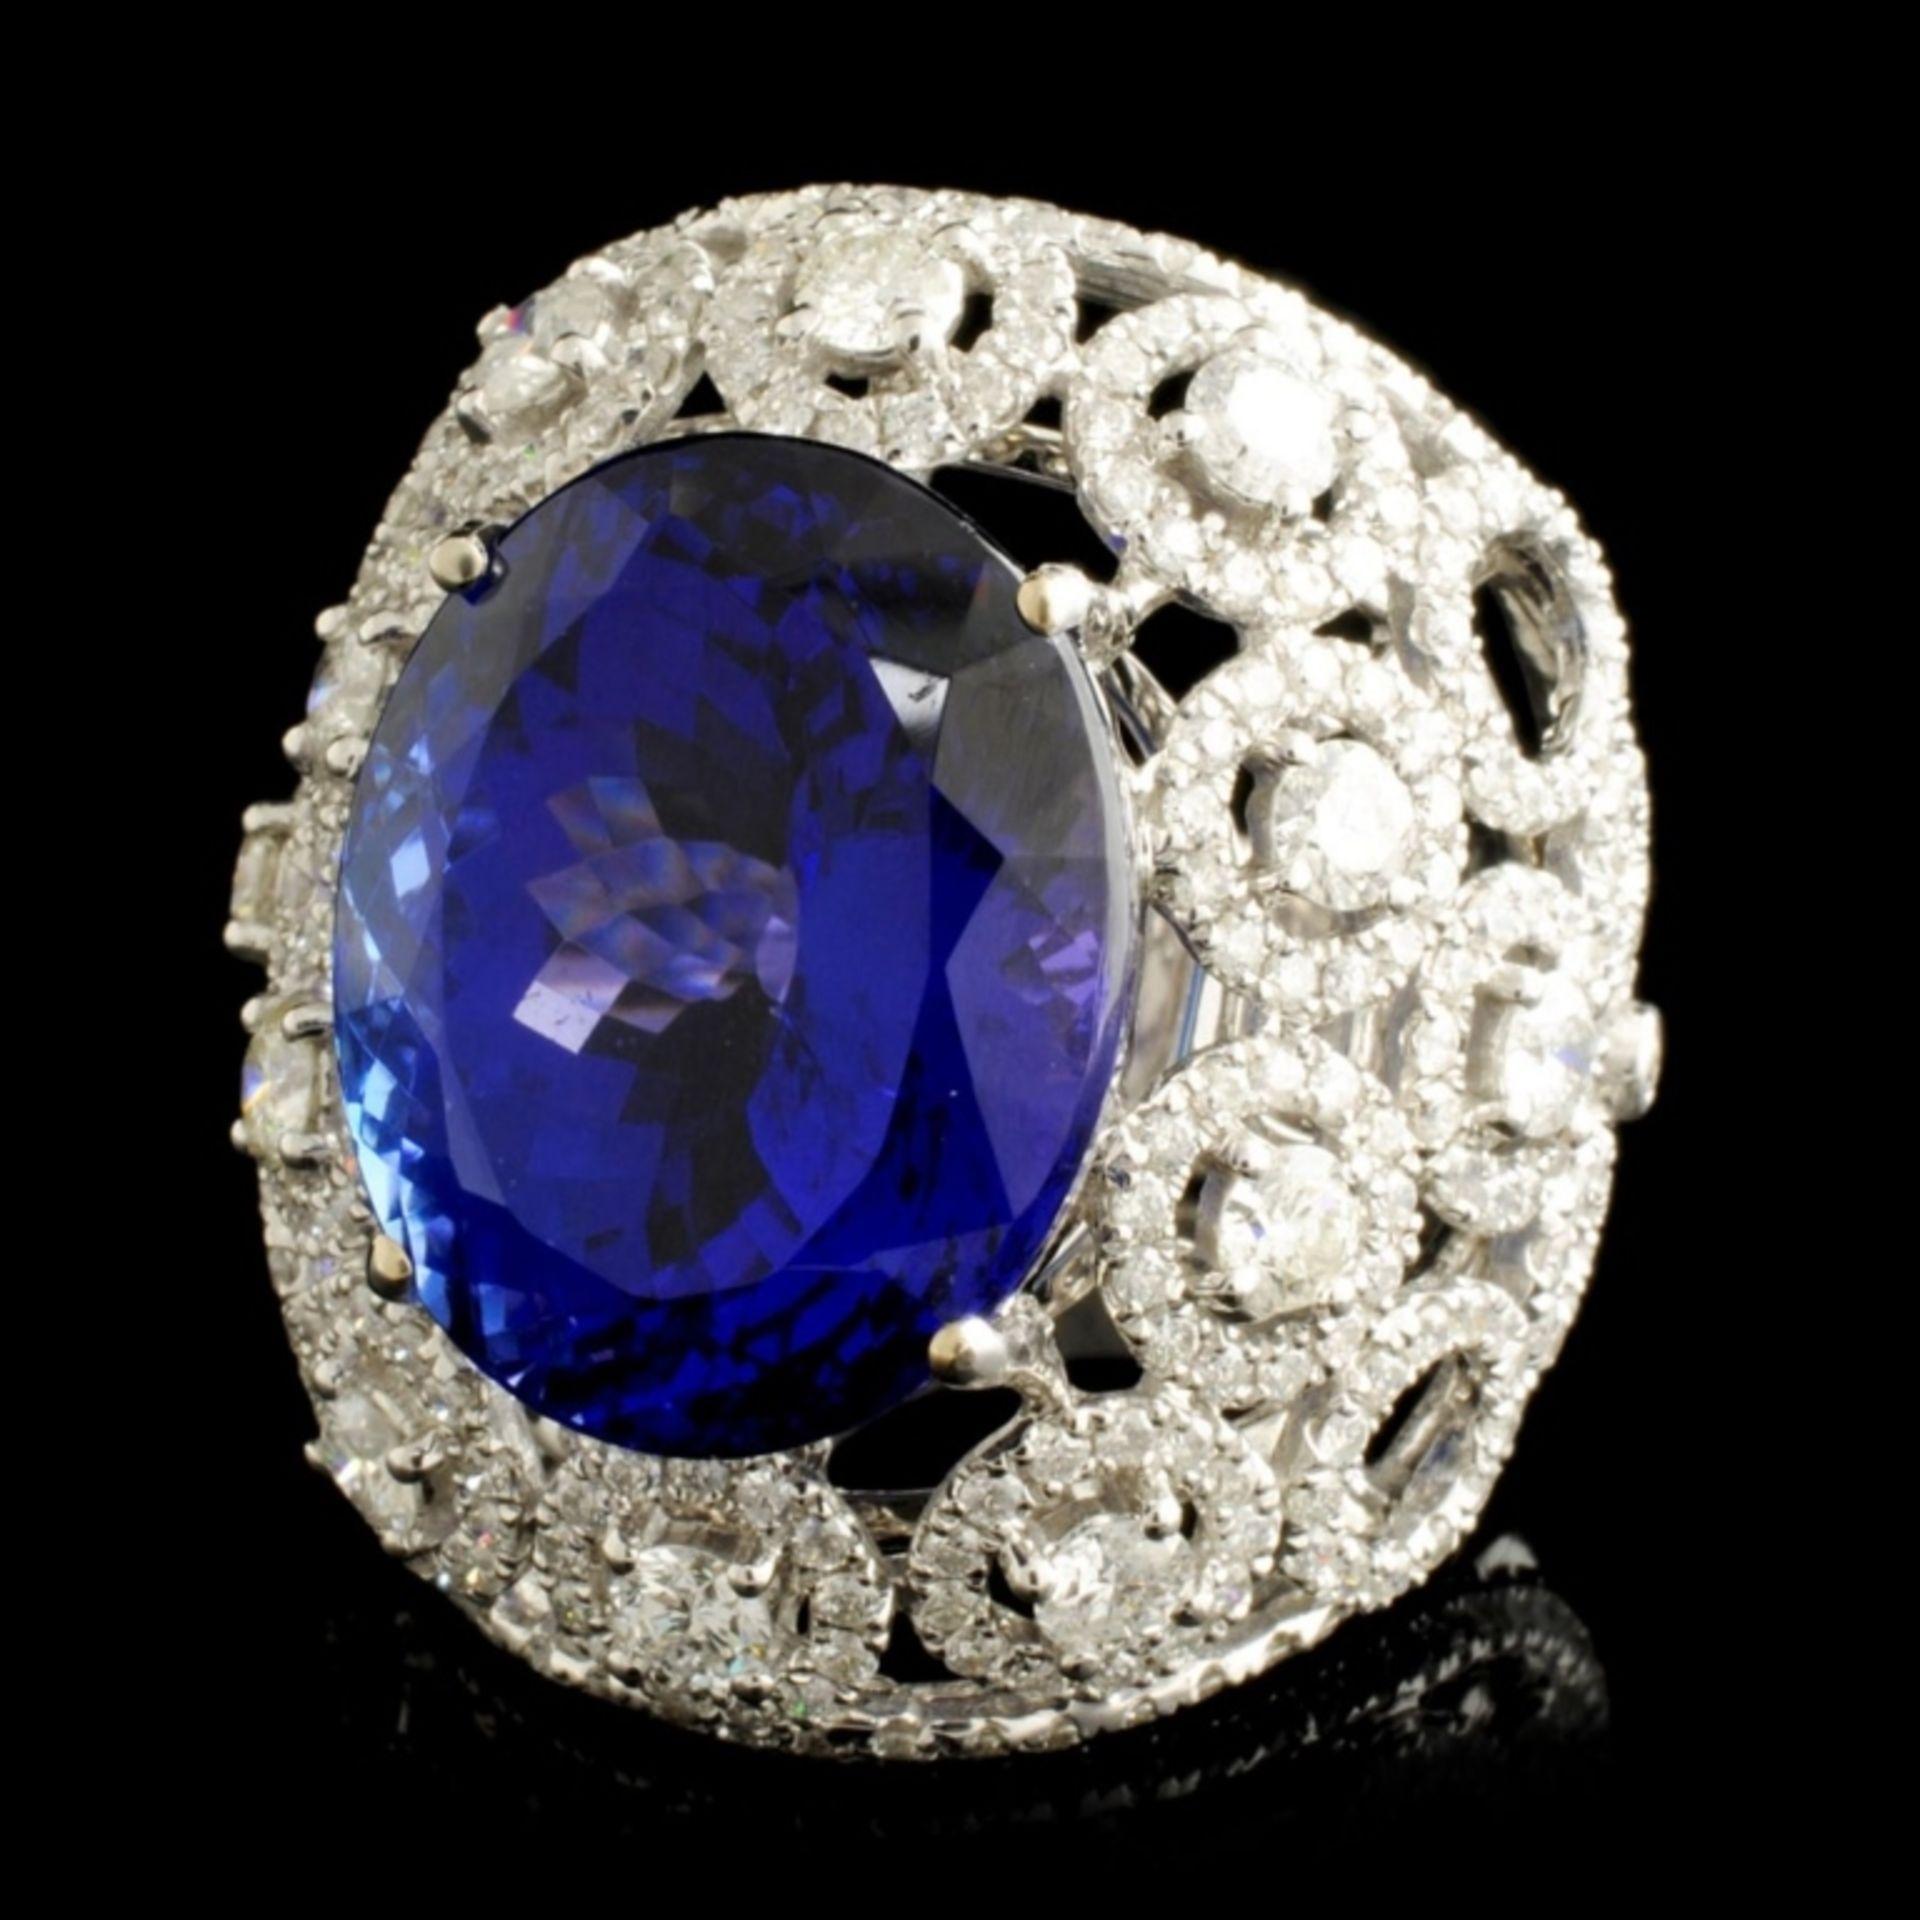 18K Gold 15.49ct Tanzanite & 2.68ctw Diamond Ring - Image 2 of 5